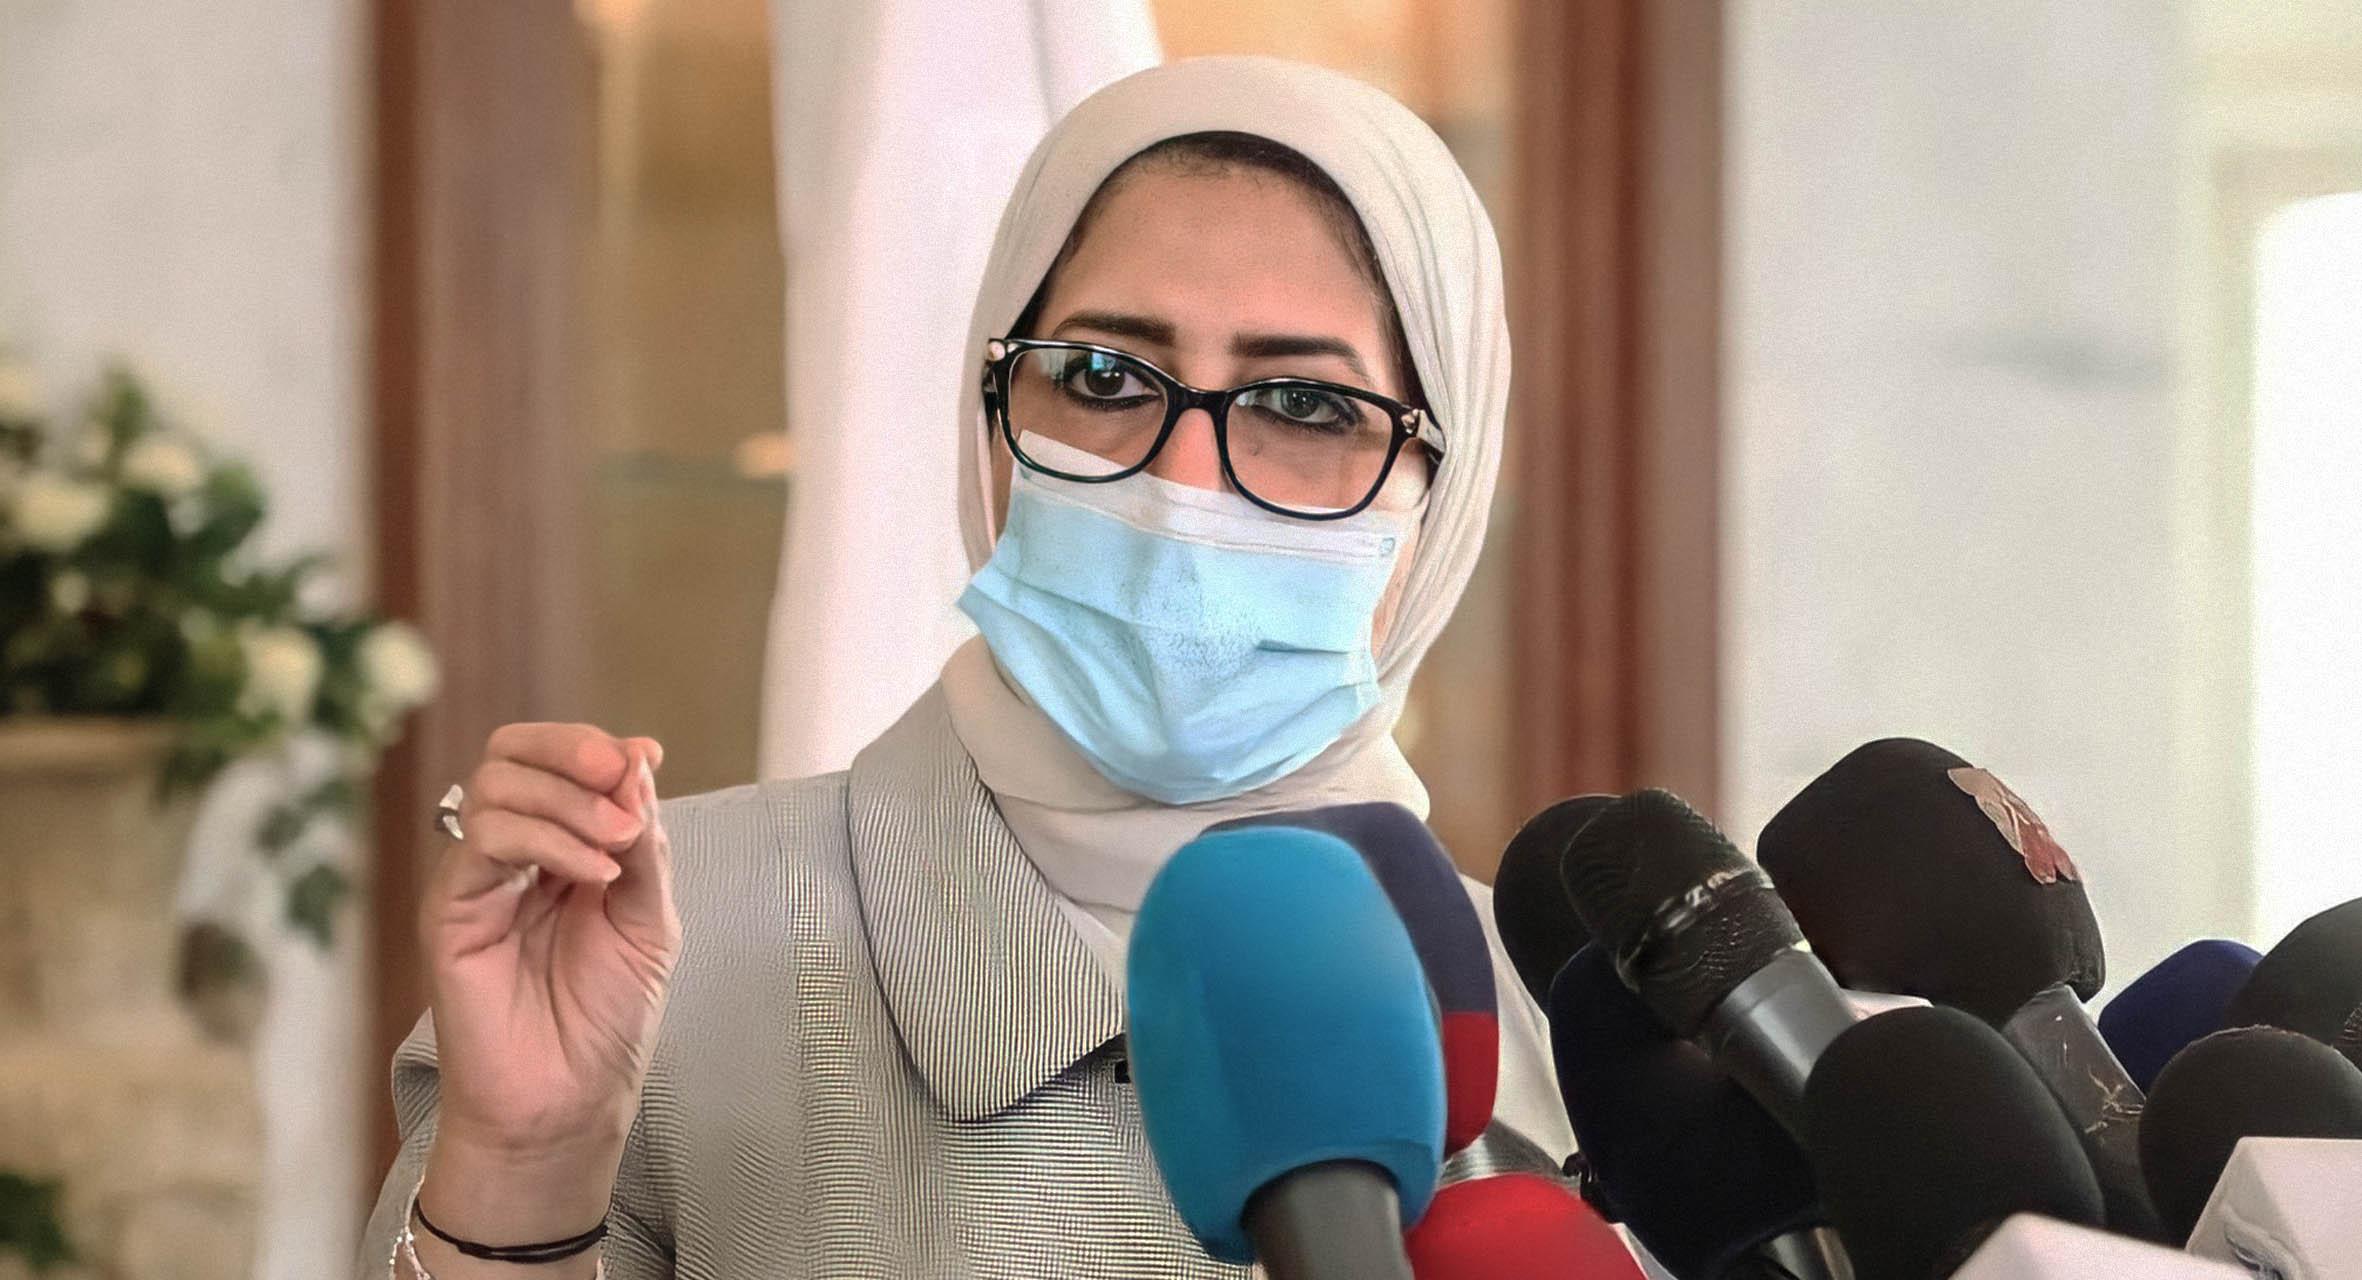 صورة وزارة الصحة تؤكد أن أكسجين مصر ممتاز ويستطيع المرضى تنفسه مباشرة بدل استخدام الجهاز